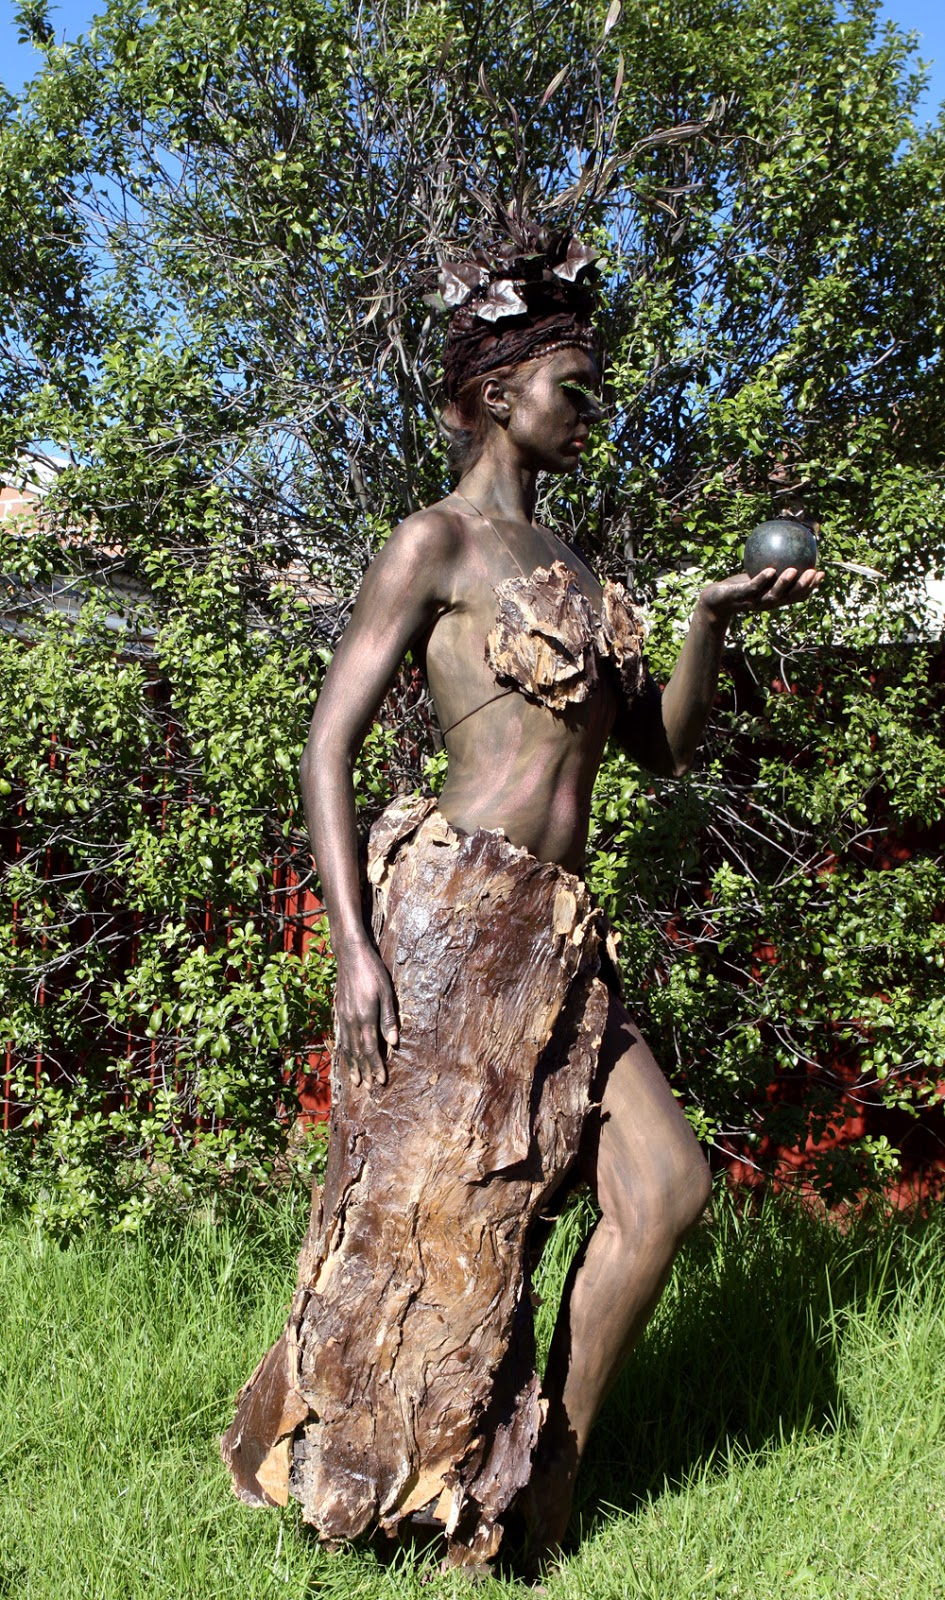 Stunning Art of Arborsculpture-6